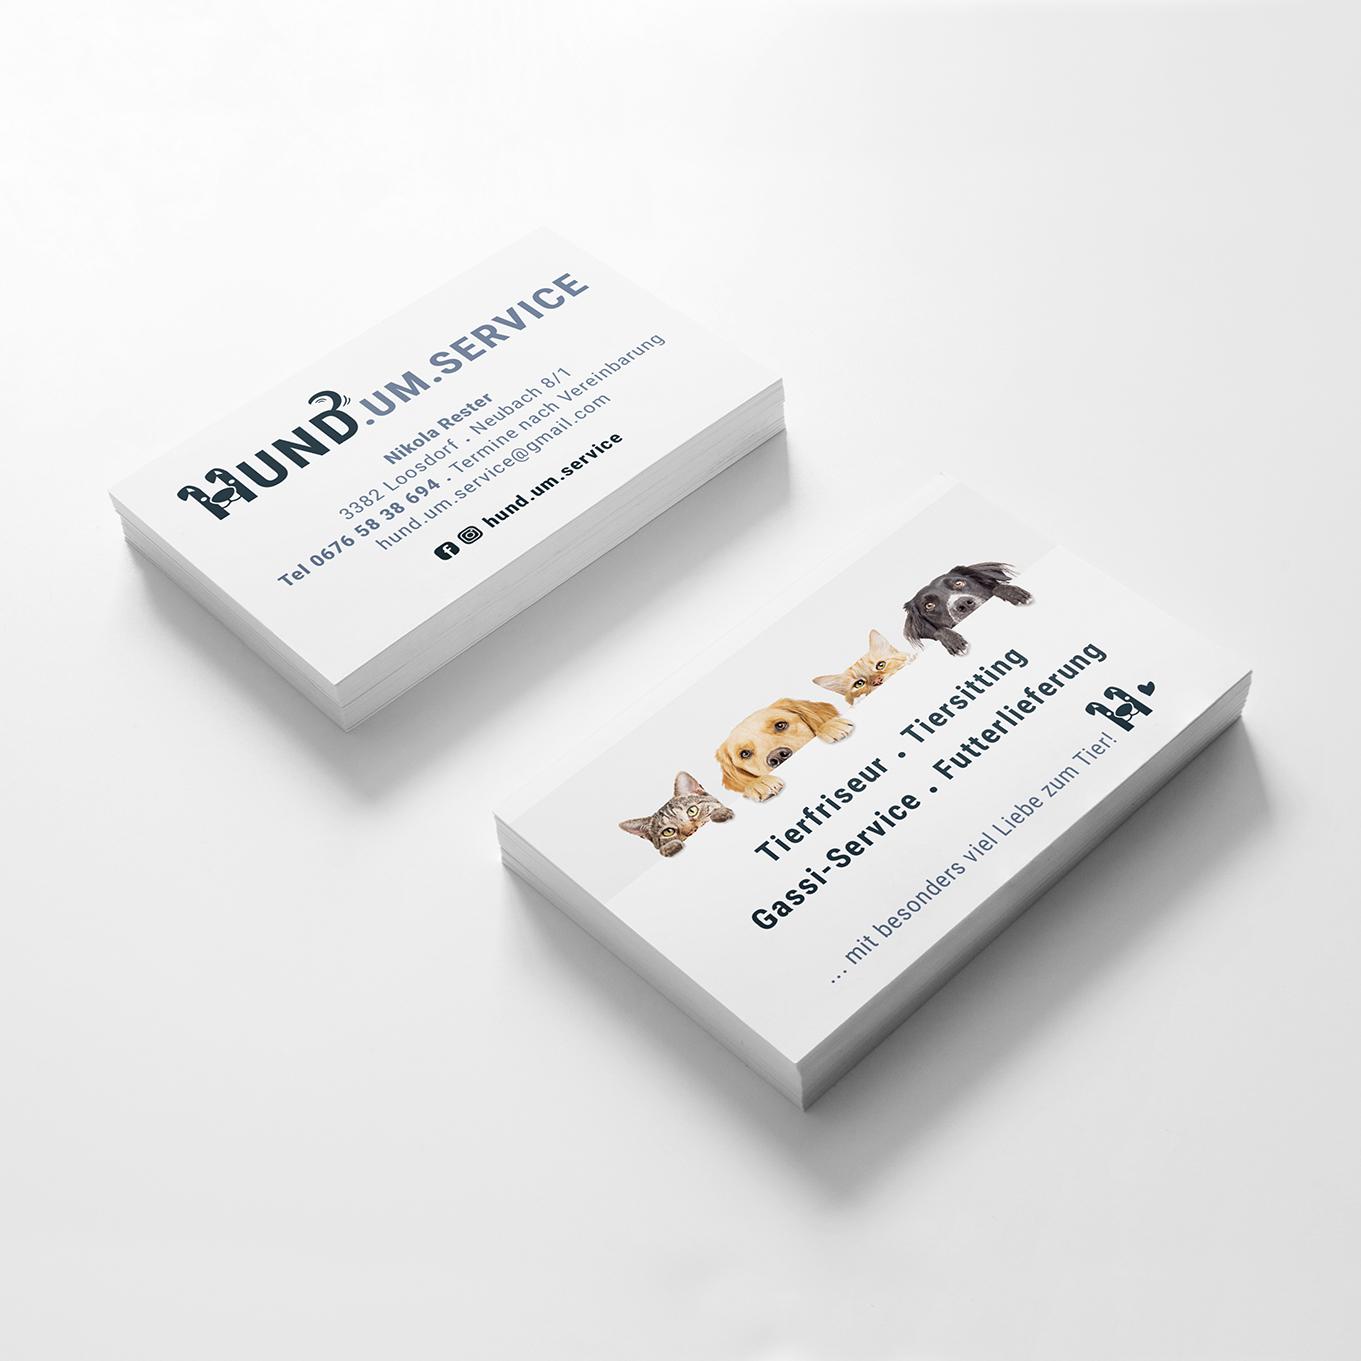 Hund um service, Nikola Rester, Visitenkarten, hello! Designstudio, Katrin Scheichelbauer